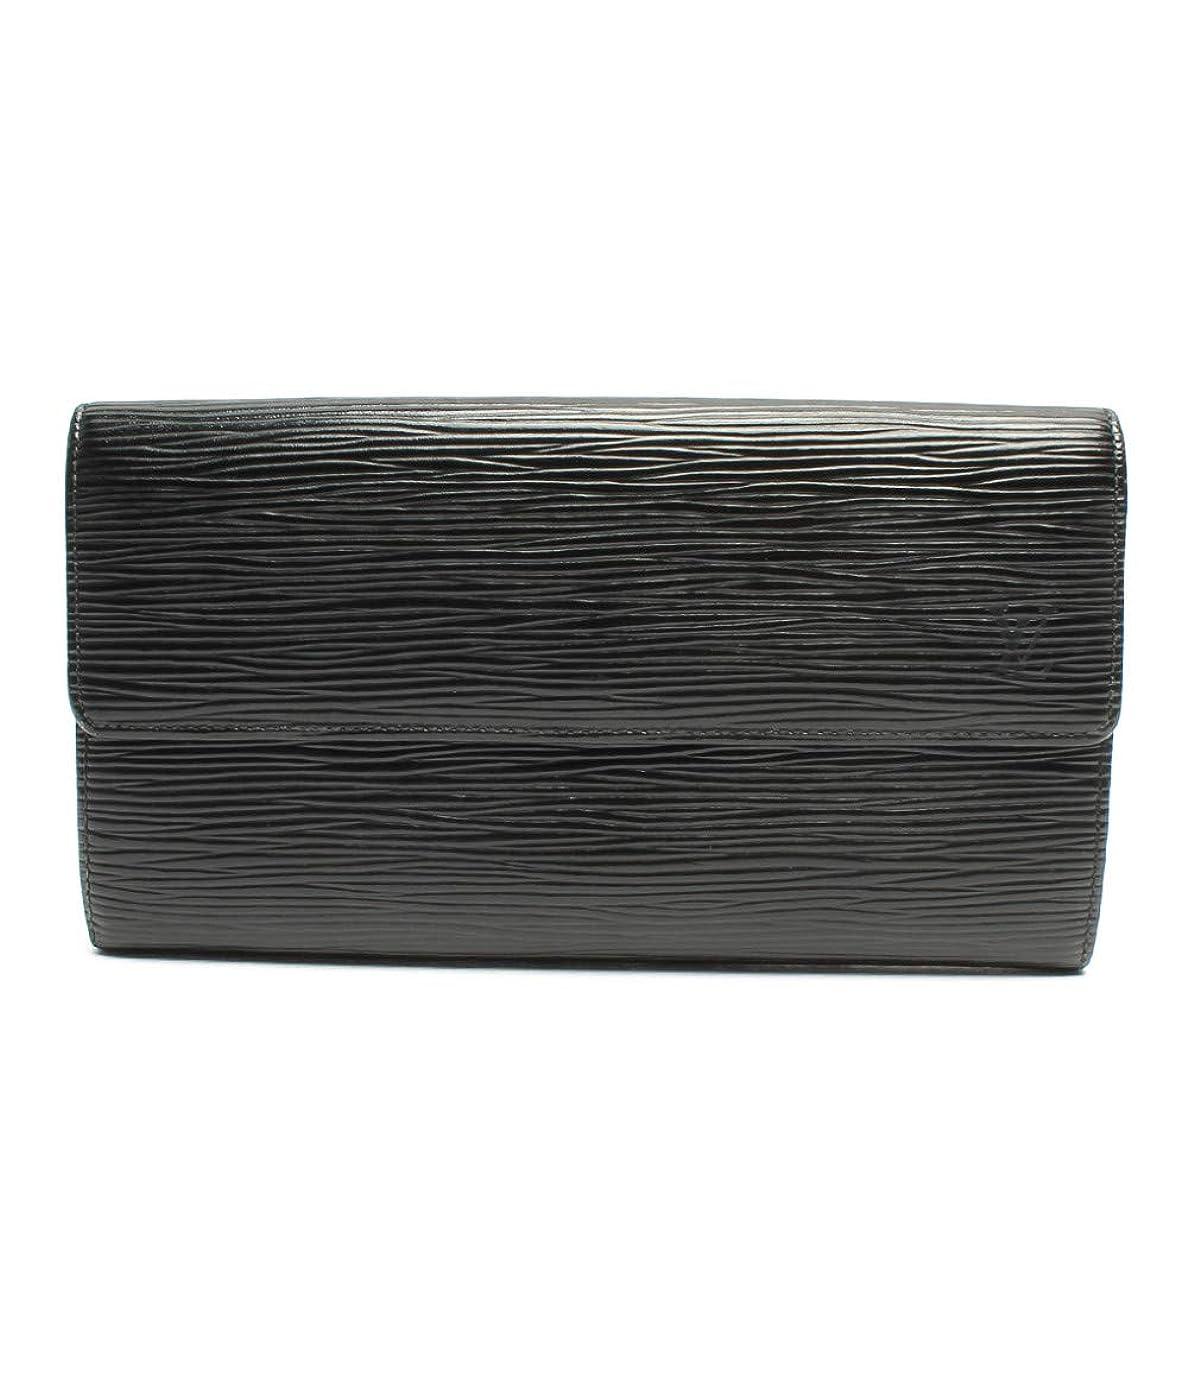 保証金保有者炭素ルイヴィトン ポルトモネクレディ長財布 エピ M63572 レディース Louis Vuitton 中古